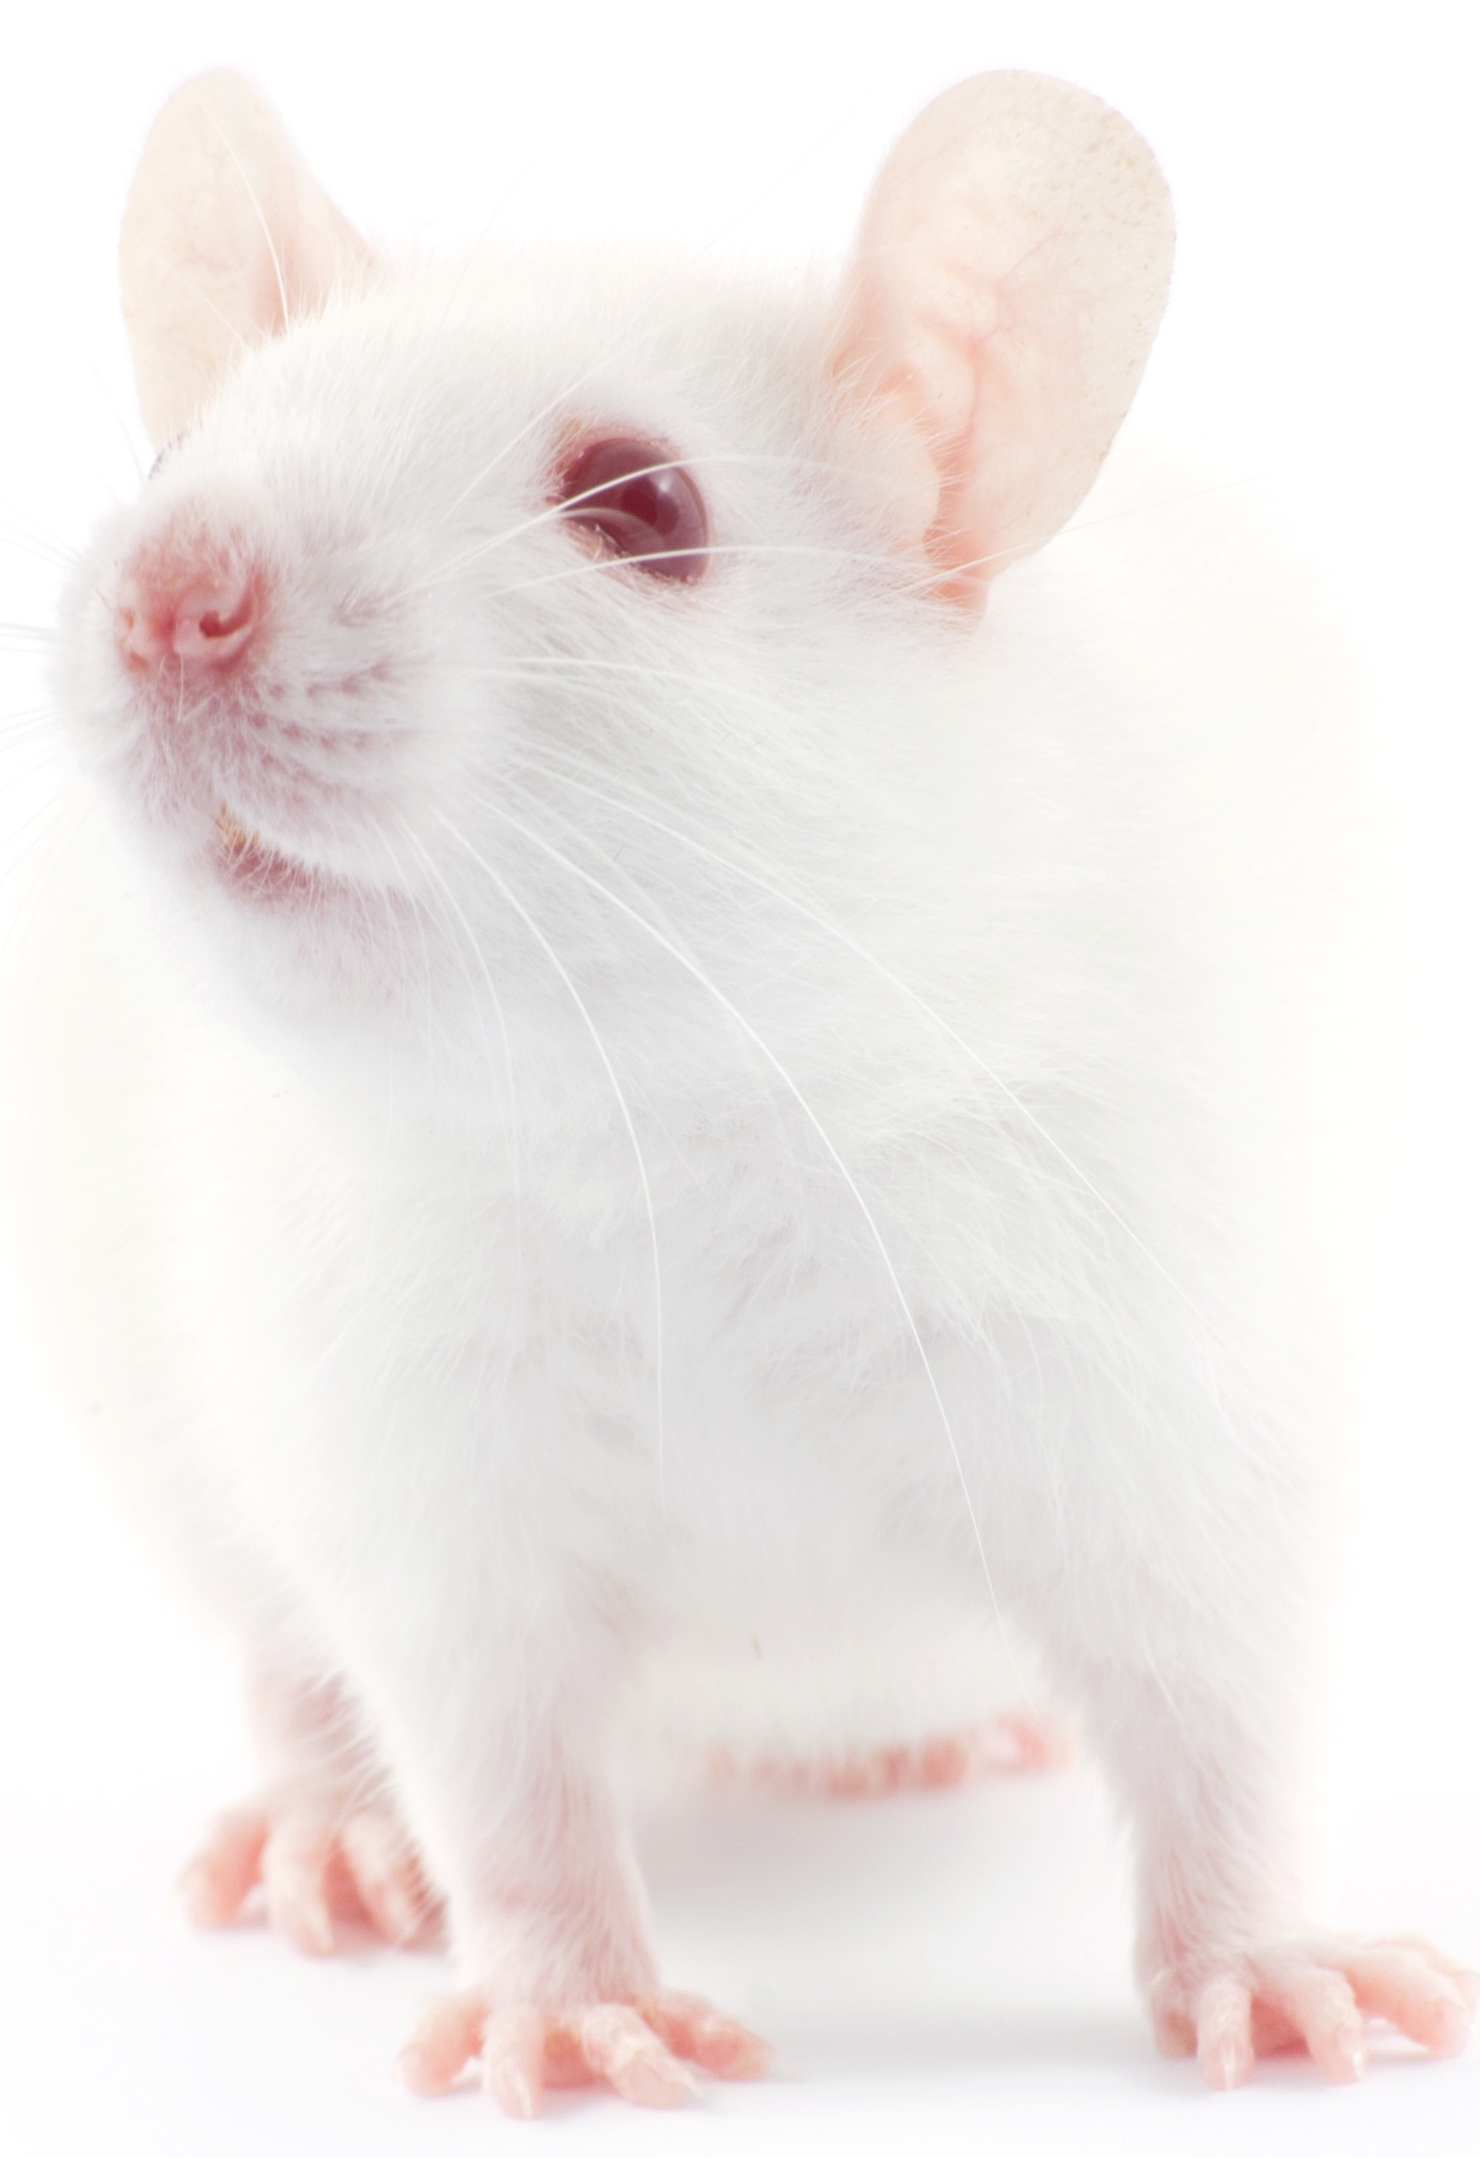 Free Photo: White Mouse.